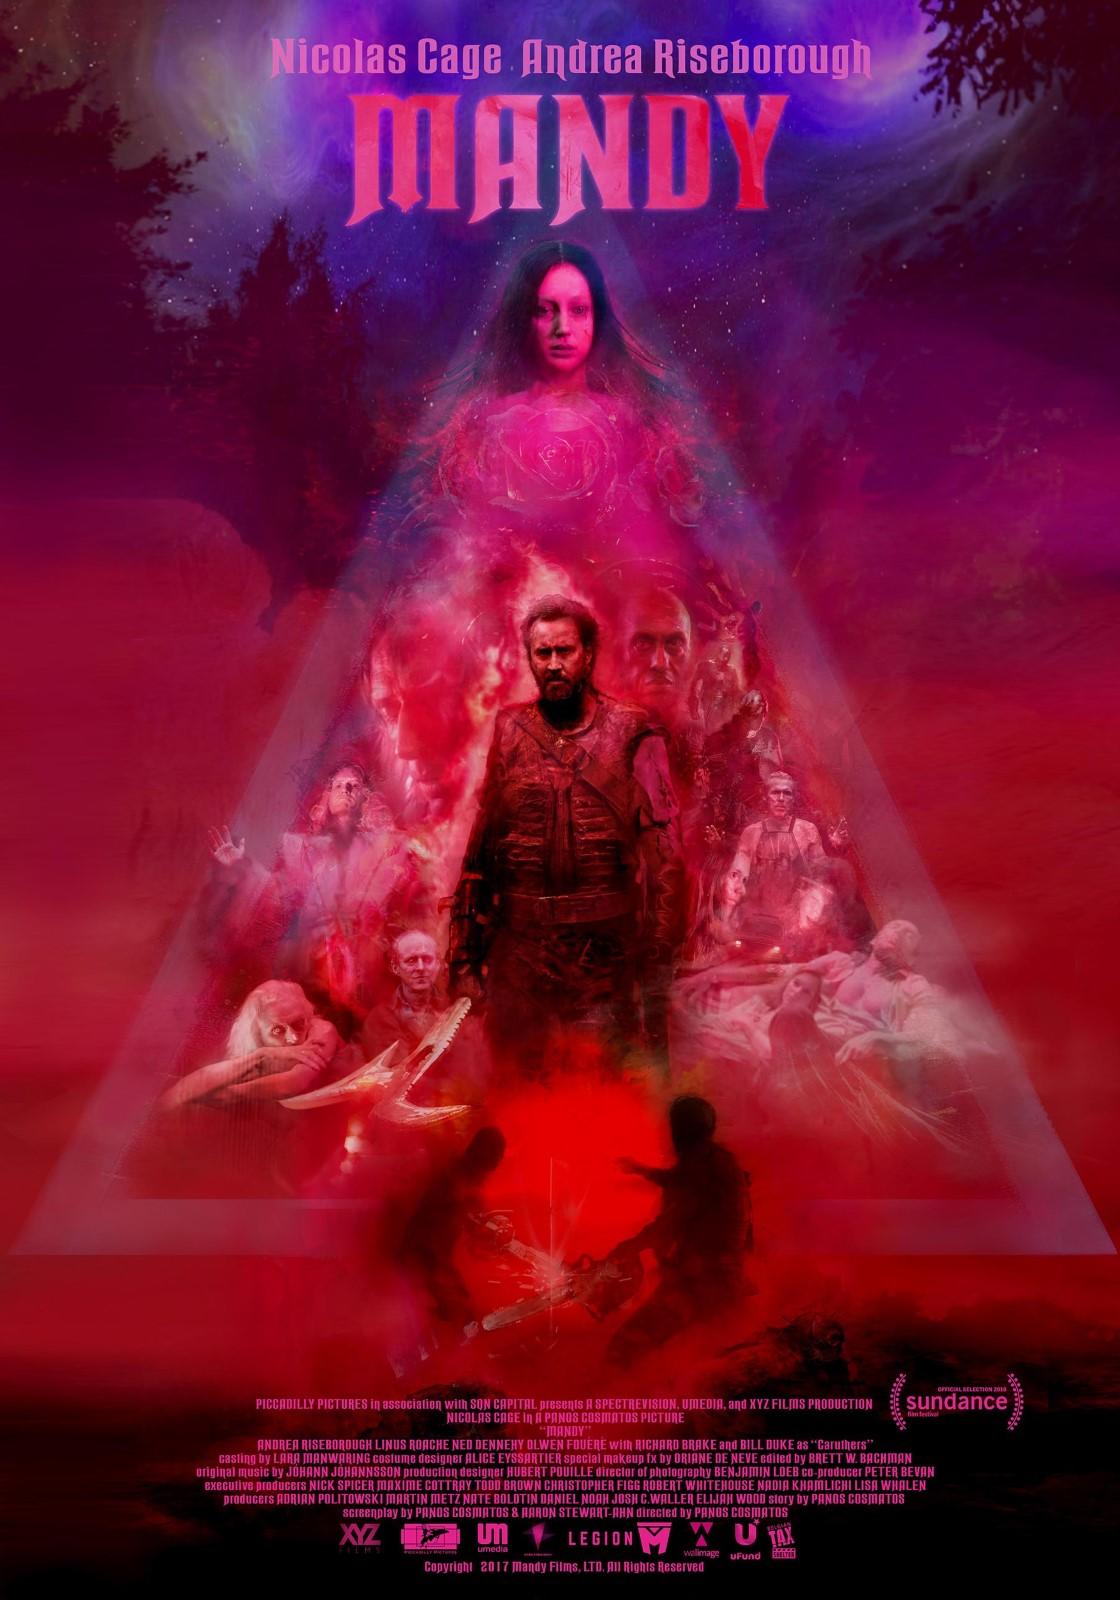 MANDY (2018) Film d'horreur passé inapperçu mais qui vaut son pesant d'or ! 17585510